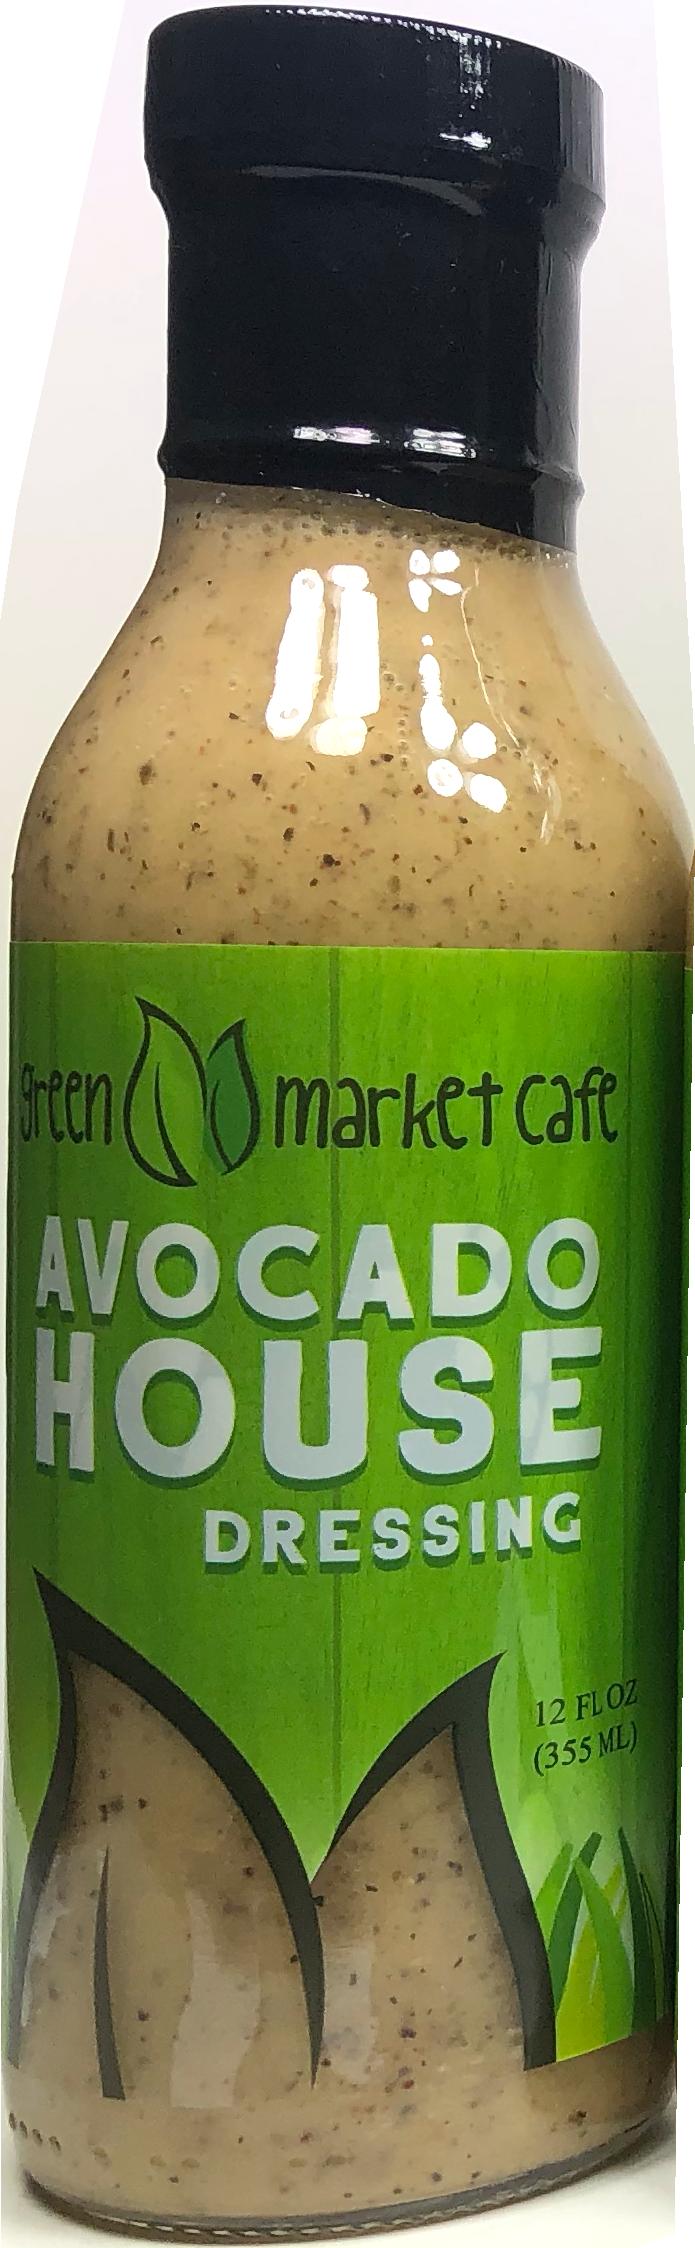 avocado house